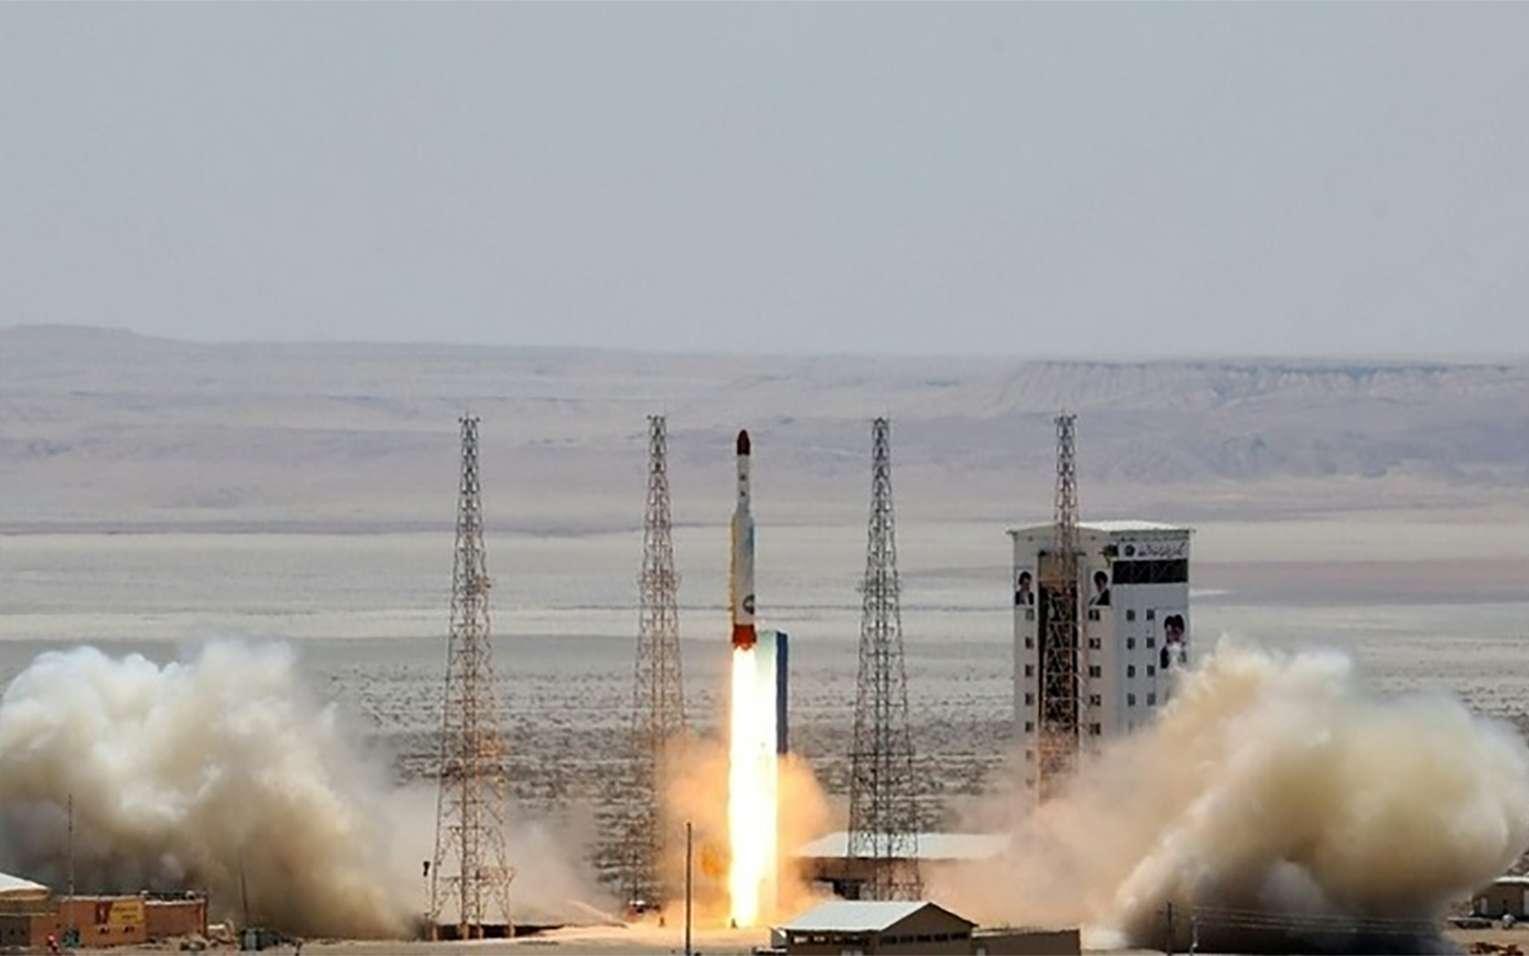 Lancement d'une fusée Simorgh dans un lieu non précisé, le 27 juillet 2017 en Iran. © HO, Ministère iranien de la Défense/AFP/Archives